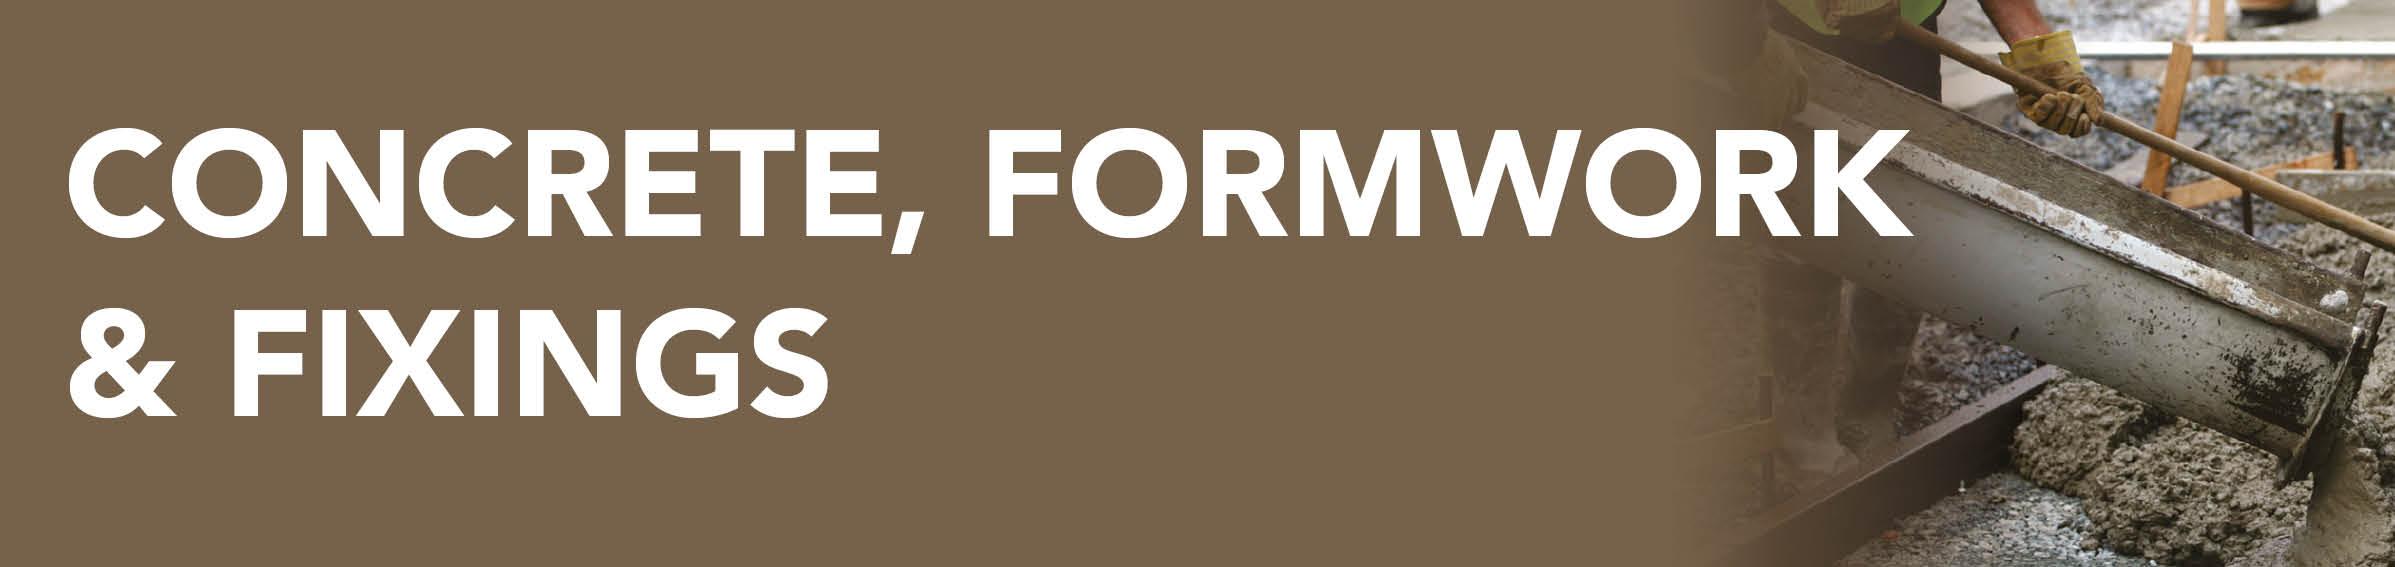 Concrete, Formwork & Fixings